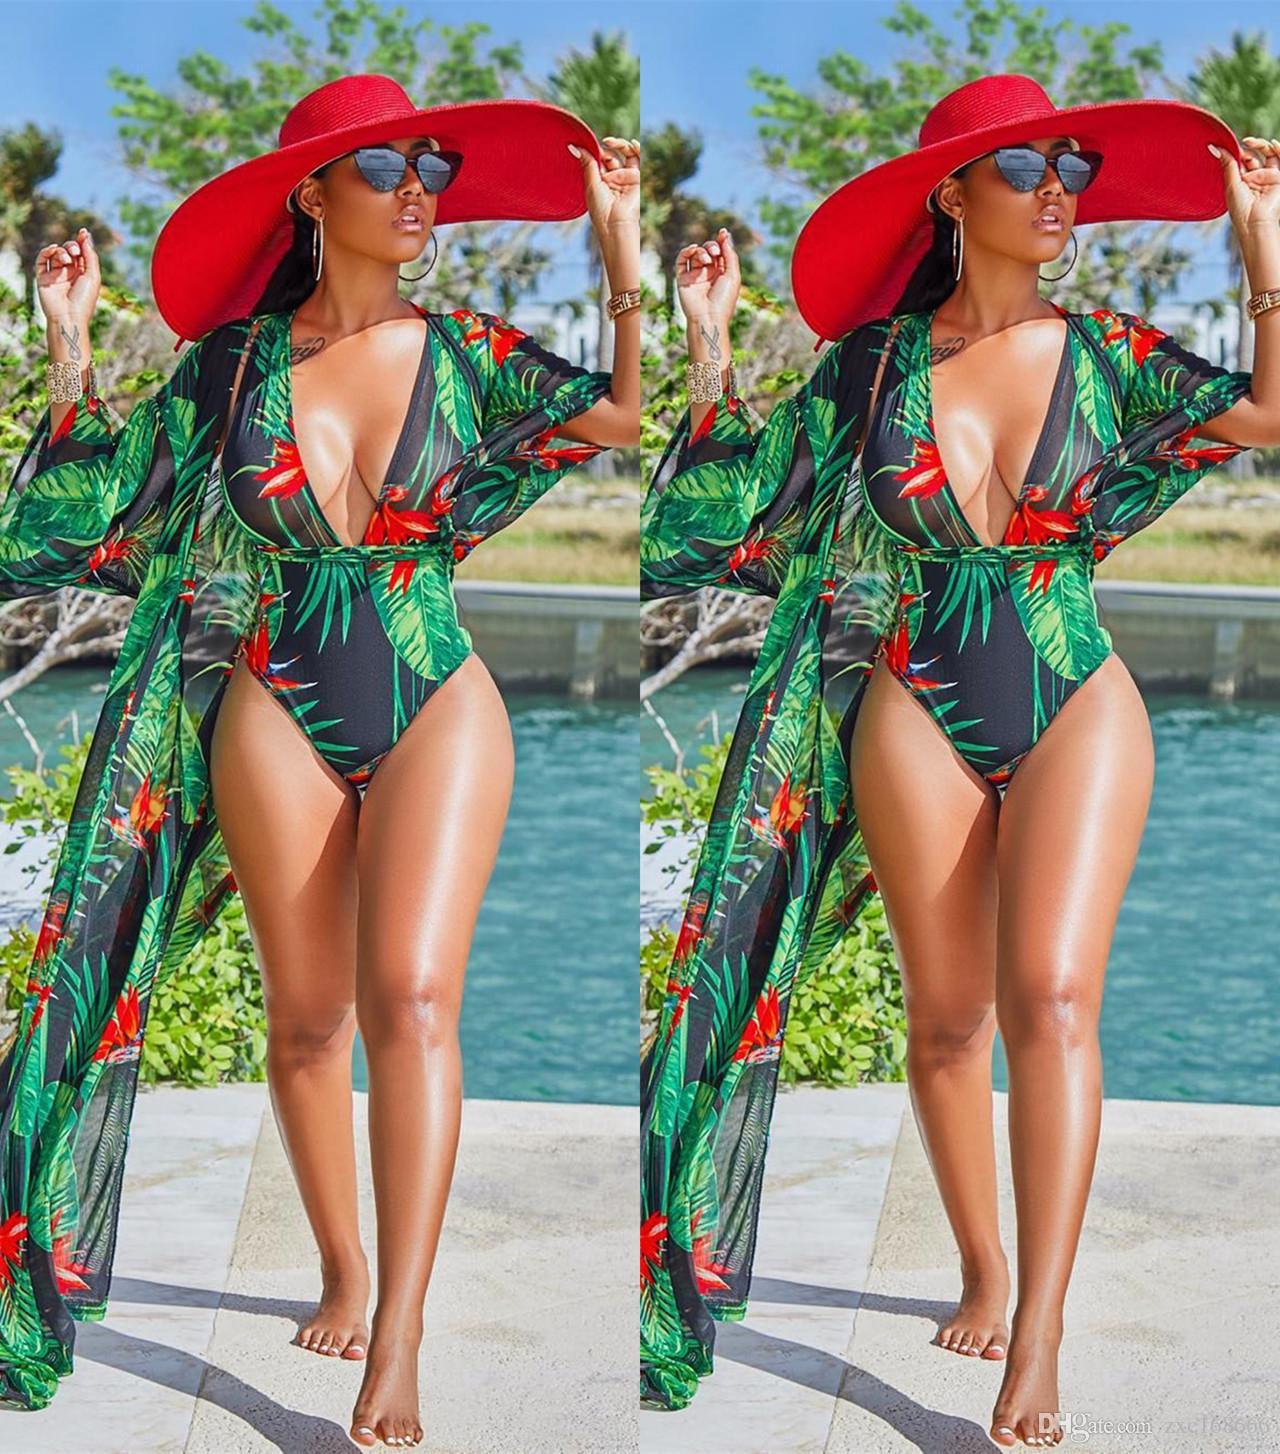 Bikini con estampado de flores verdes y hojas verdes Traje de baño con escote en V profundo + Vestido largo de playa Cubre Bikinis de dos piezas con traje de baño sexy para mujeres